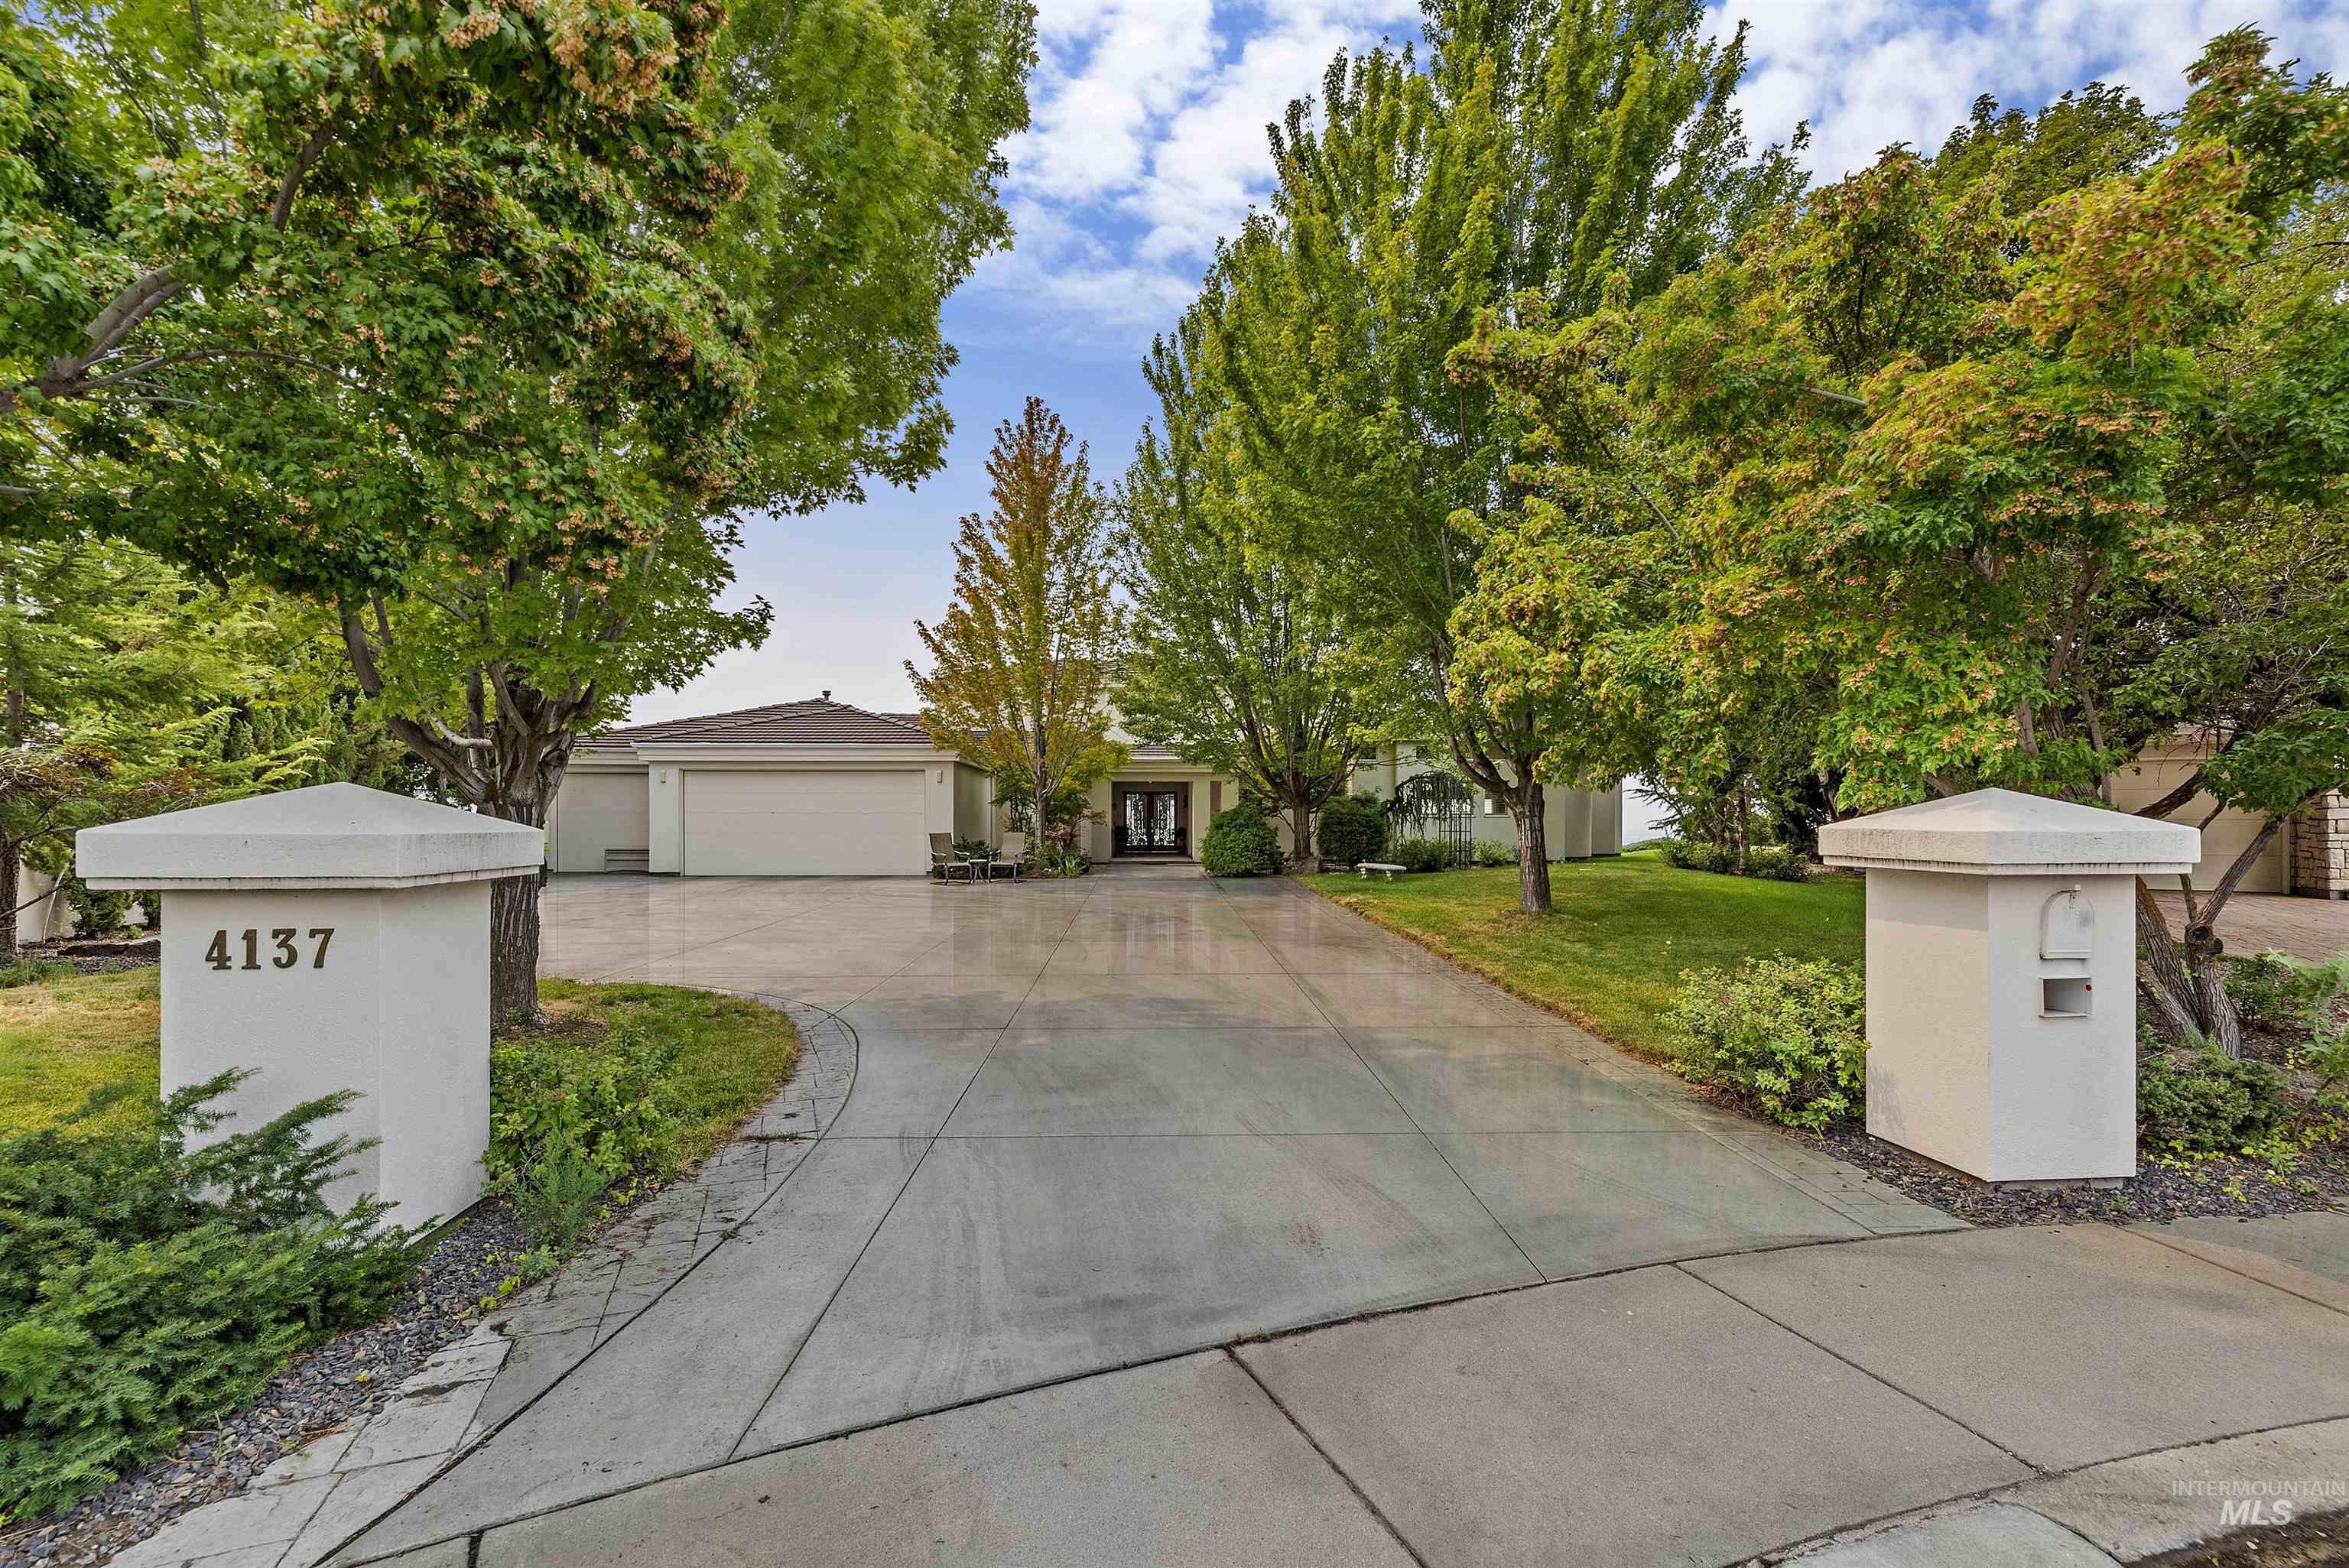 4137 W Quail Ridge Drive Property Photo